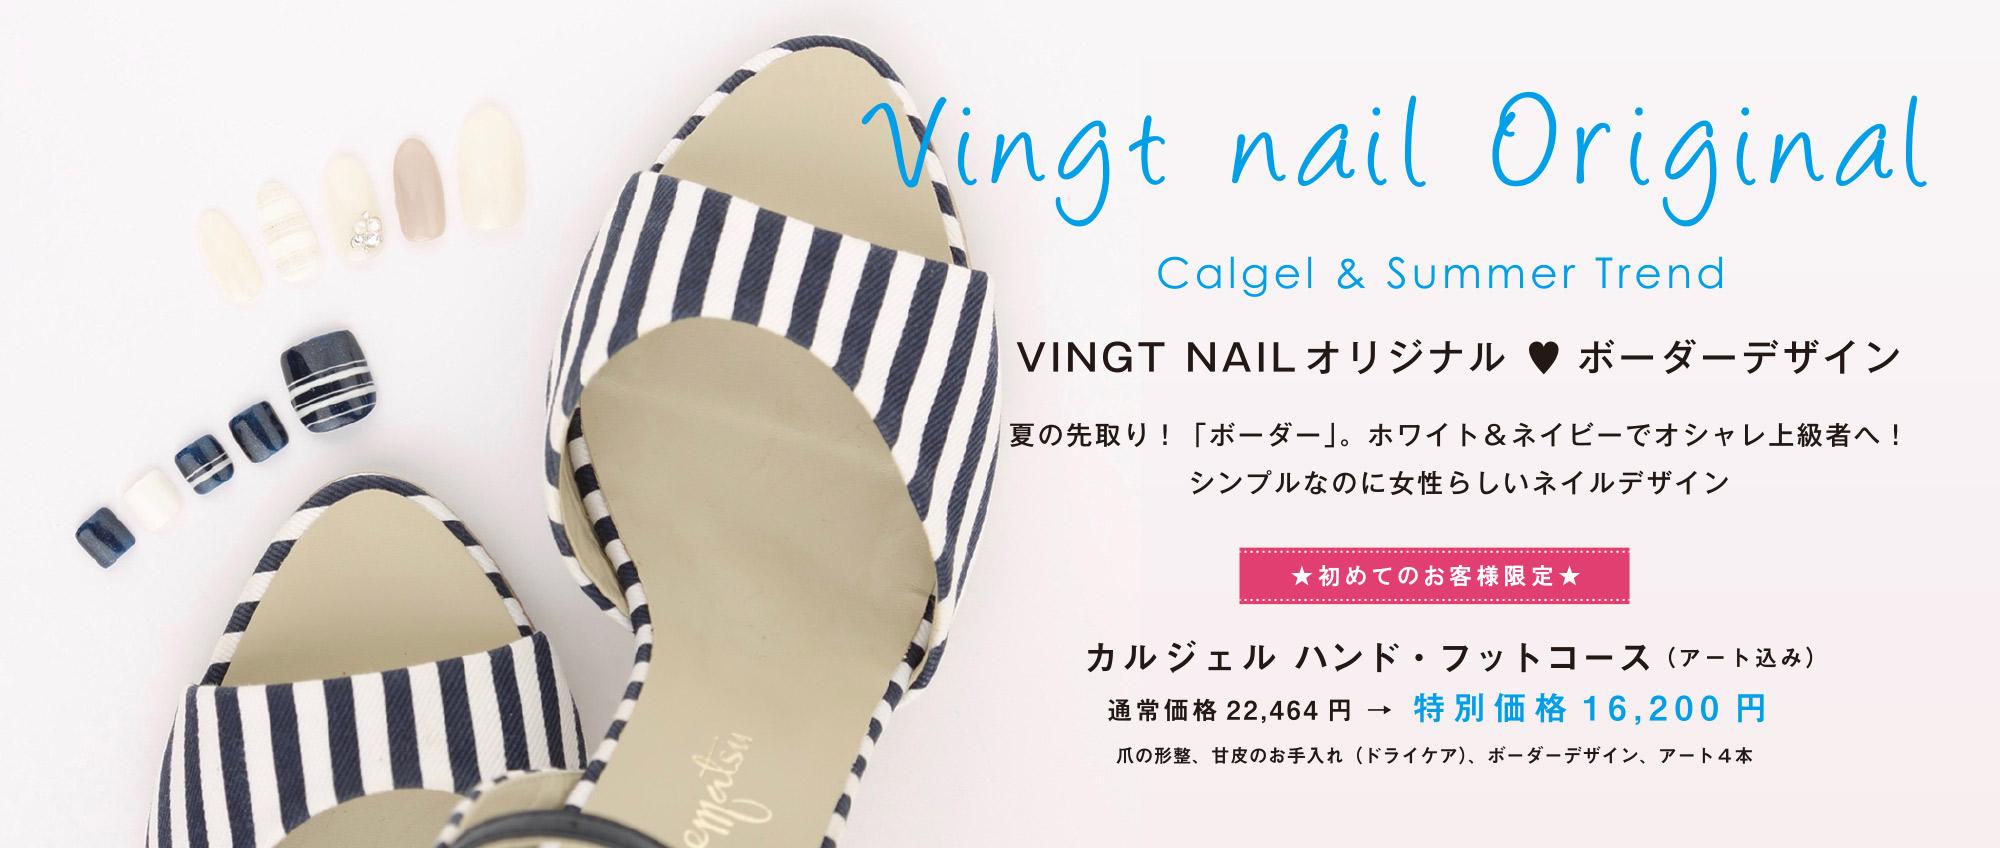 青山のネイルサロン VINGT NAIL オリジナル ♥ ボーダーデザイン